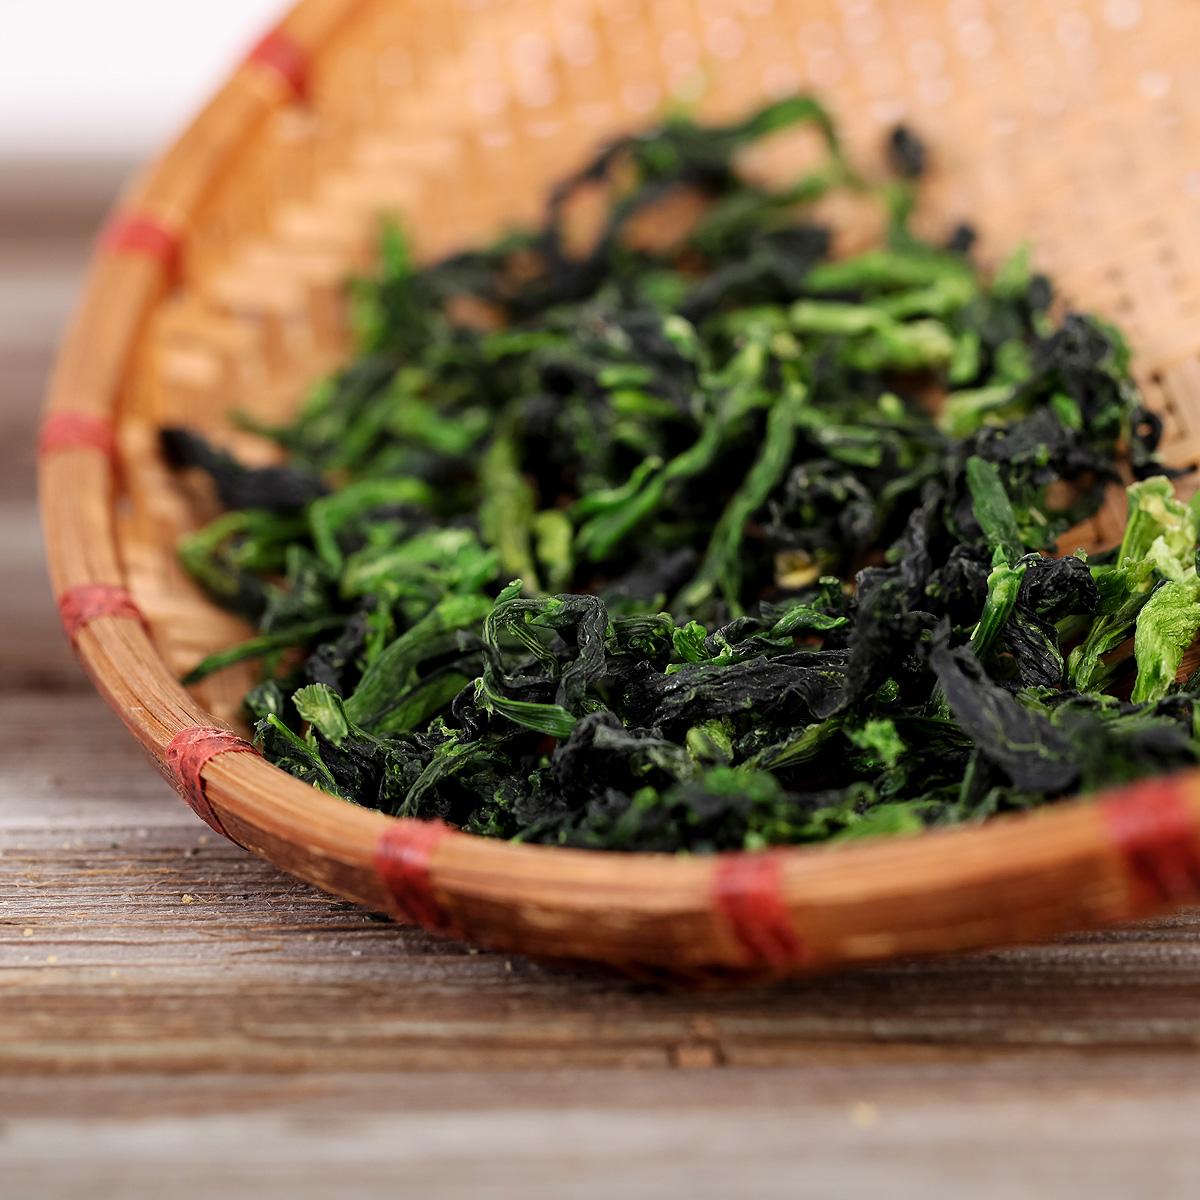 温州特产万年青干菜脱水蔬菜干货橄榄菜菜干凉拌菜心干青菜汤200g